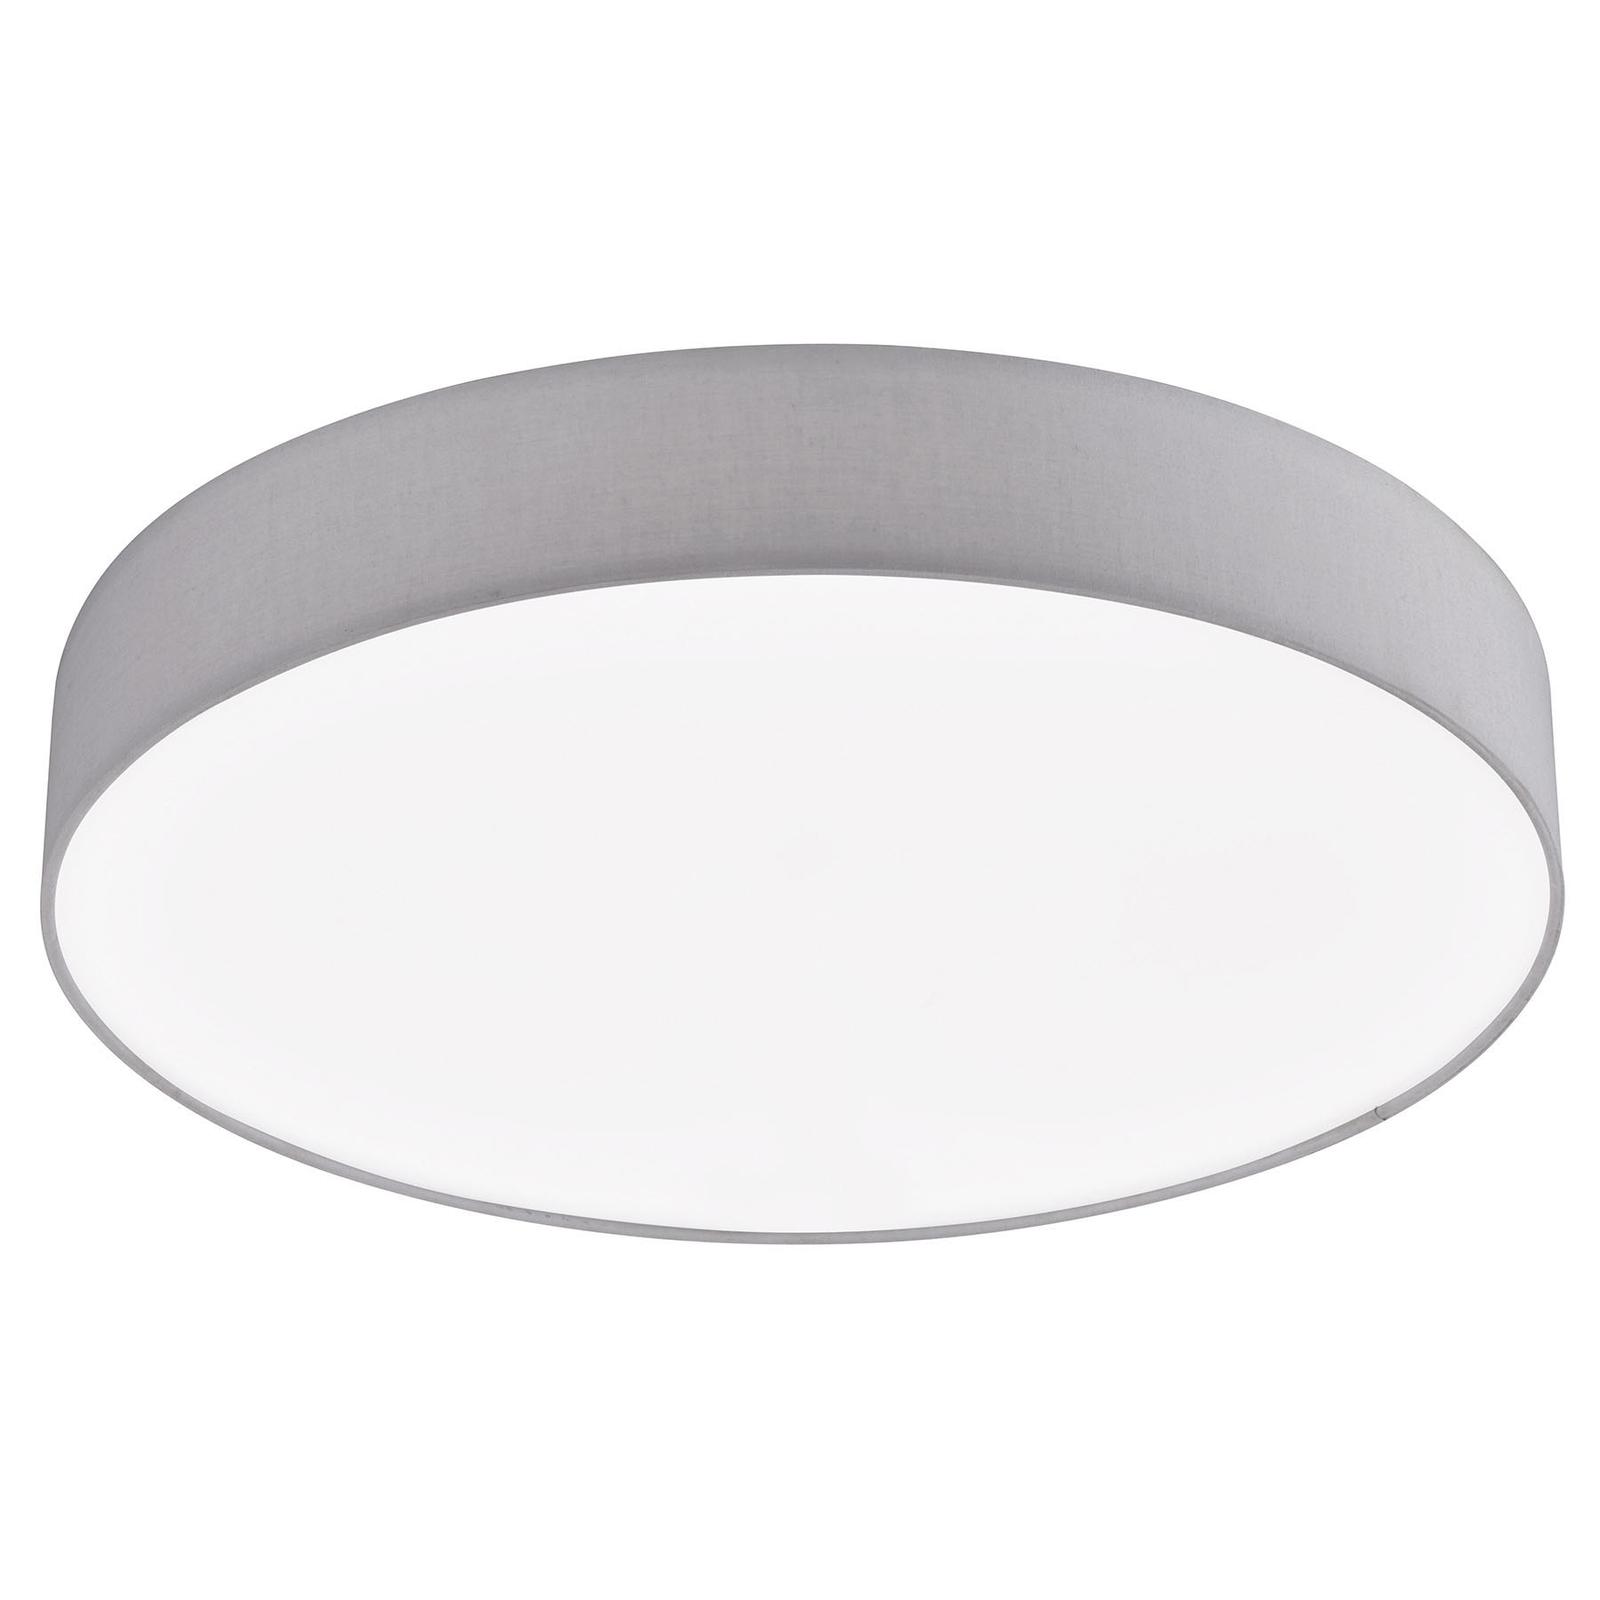 Schöner Wohnen Pina LED-taklampe, lysegrå